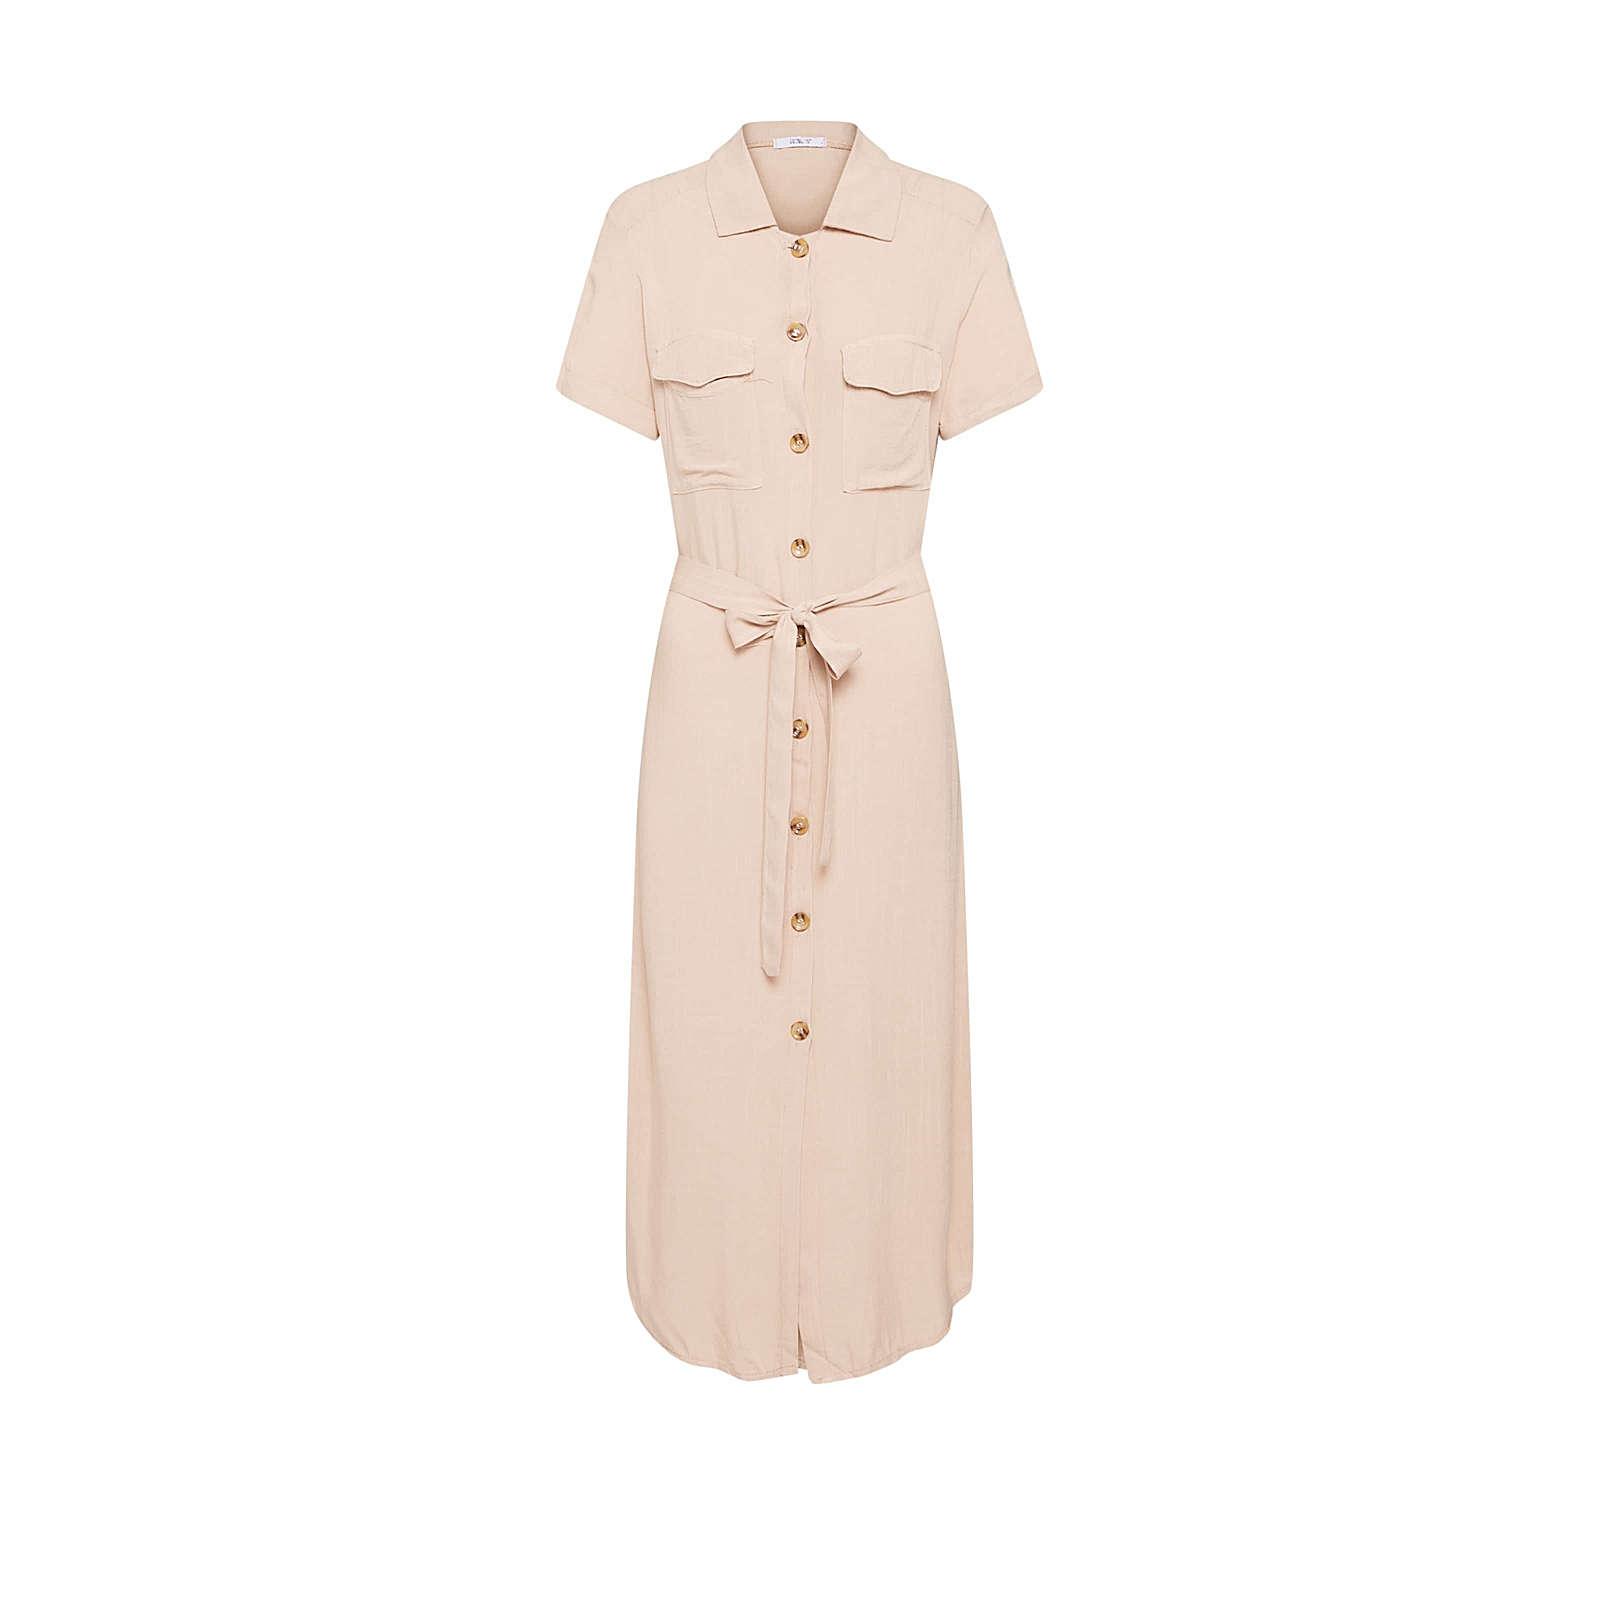 Hailys Blusenkleid Aurelie Blusenkleider beige Damen Gr. 36